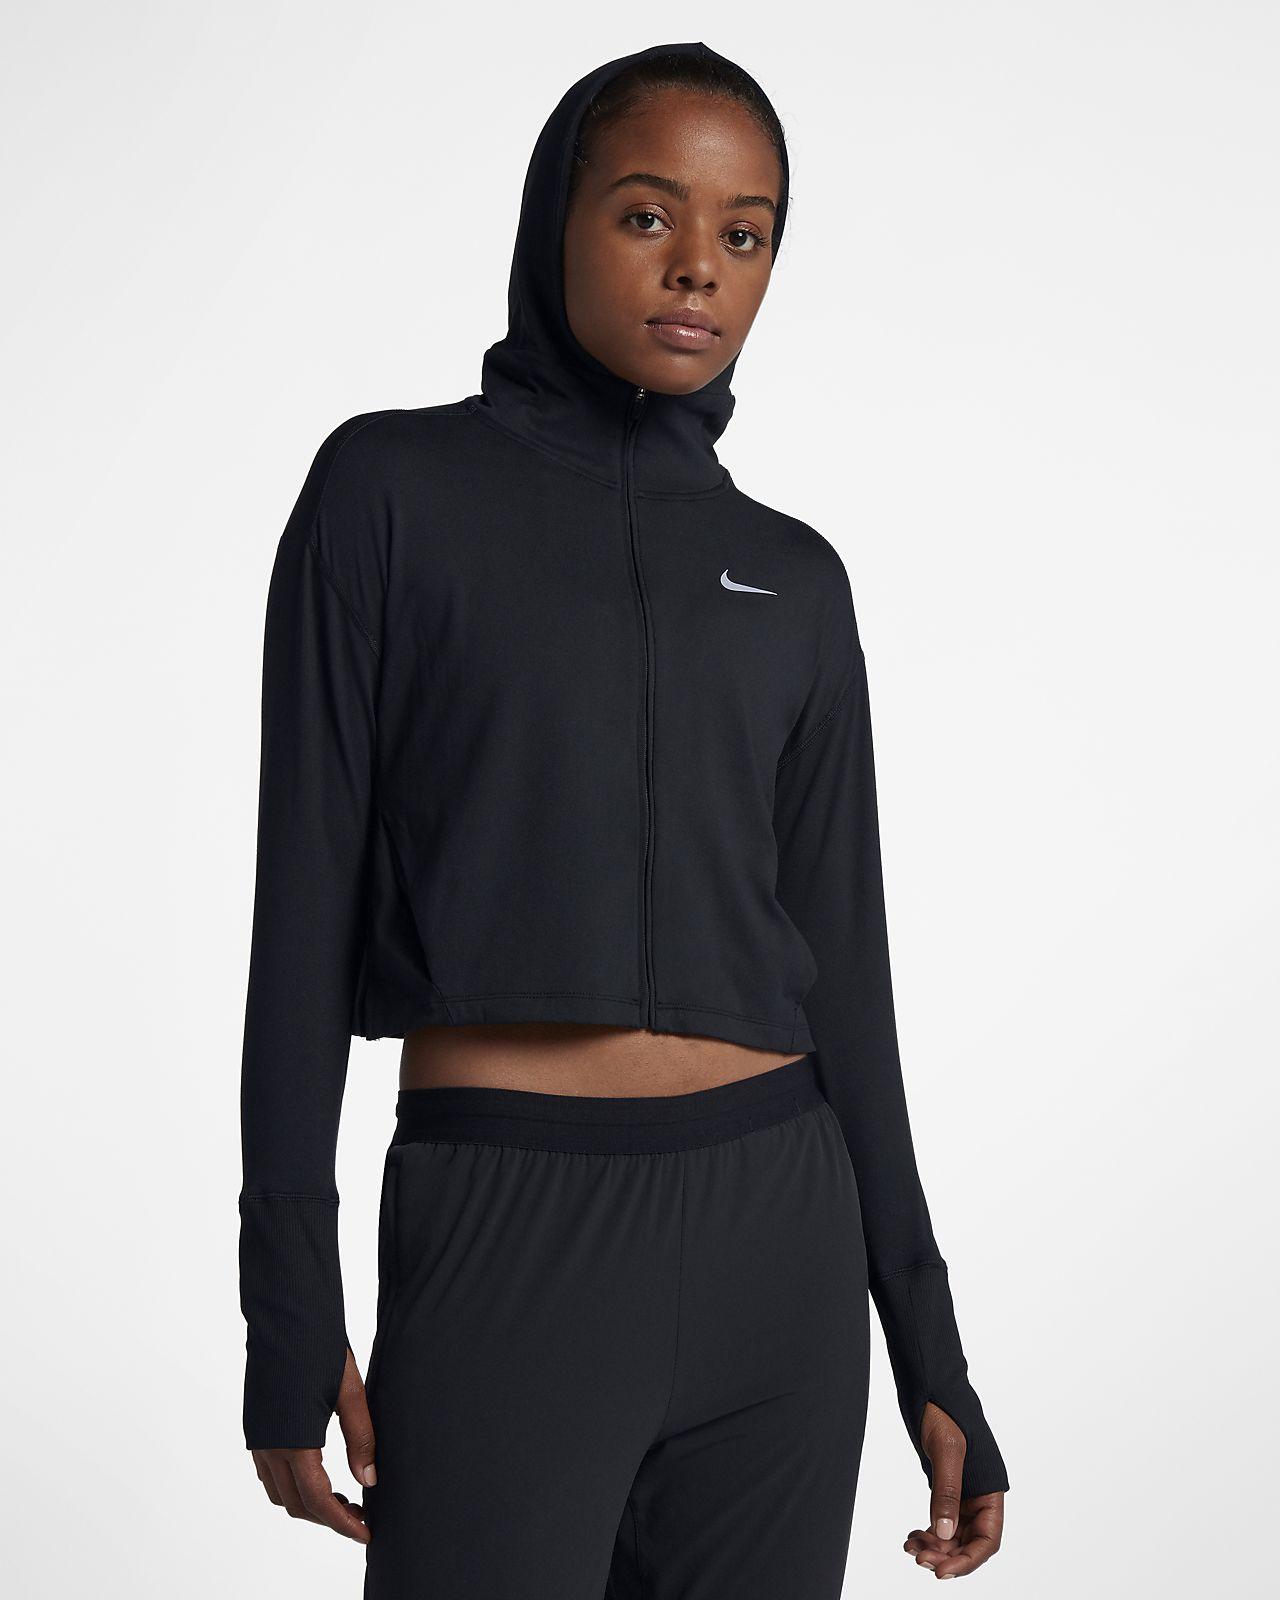 Nike løbehættetrøje med lynlås til kvinder